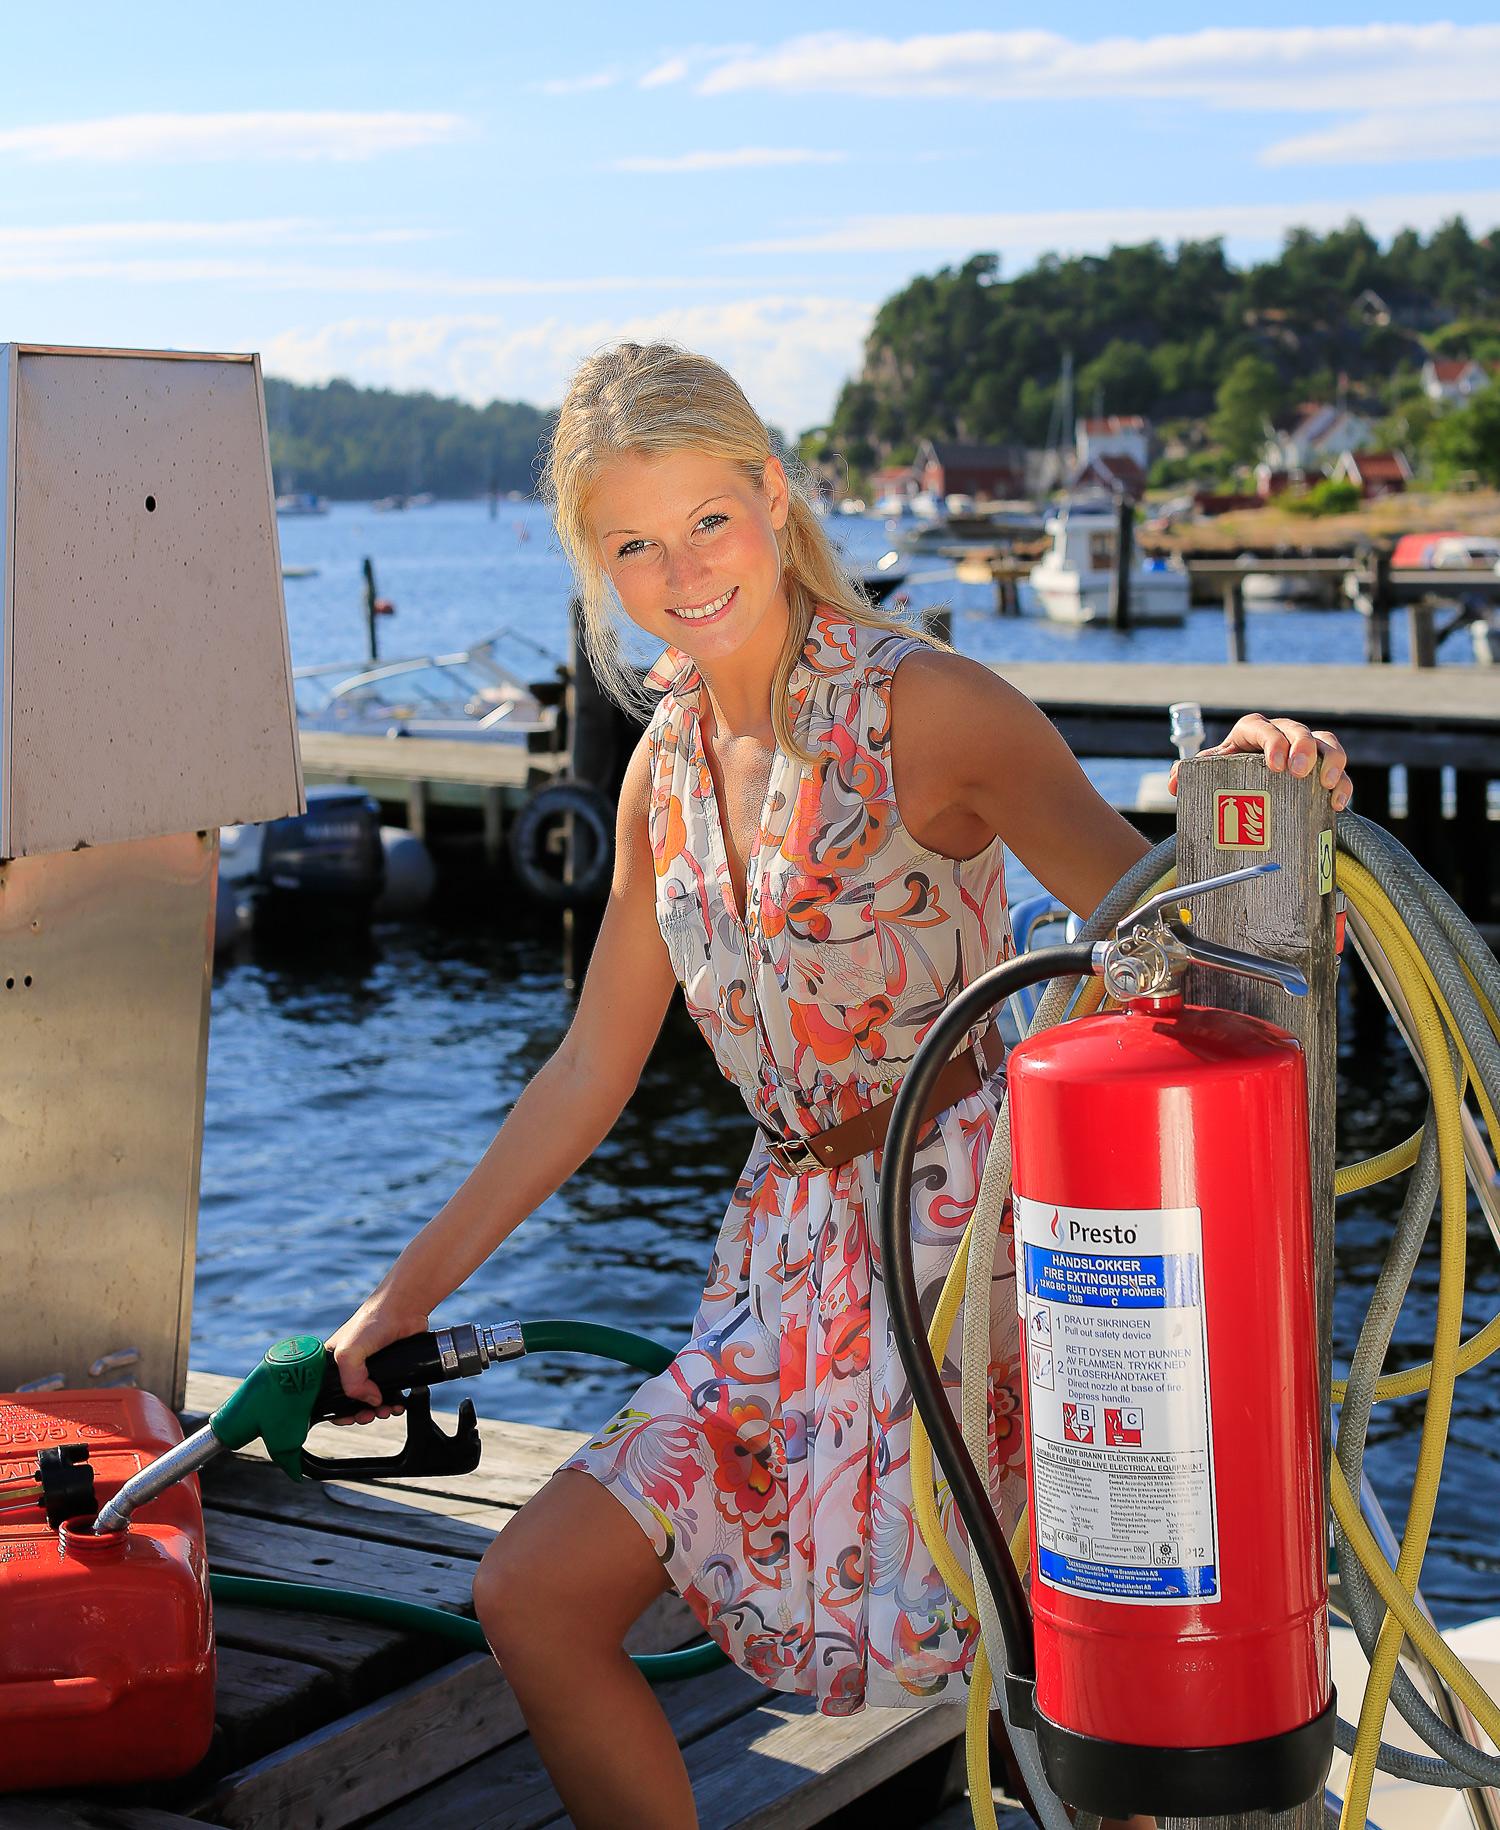 Marina<strong>Drivstoff og kiosk.</strong>